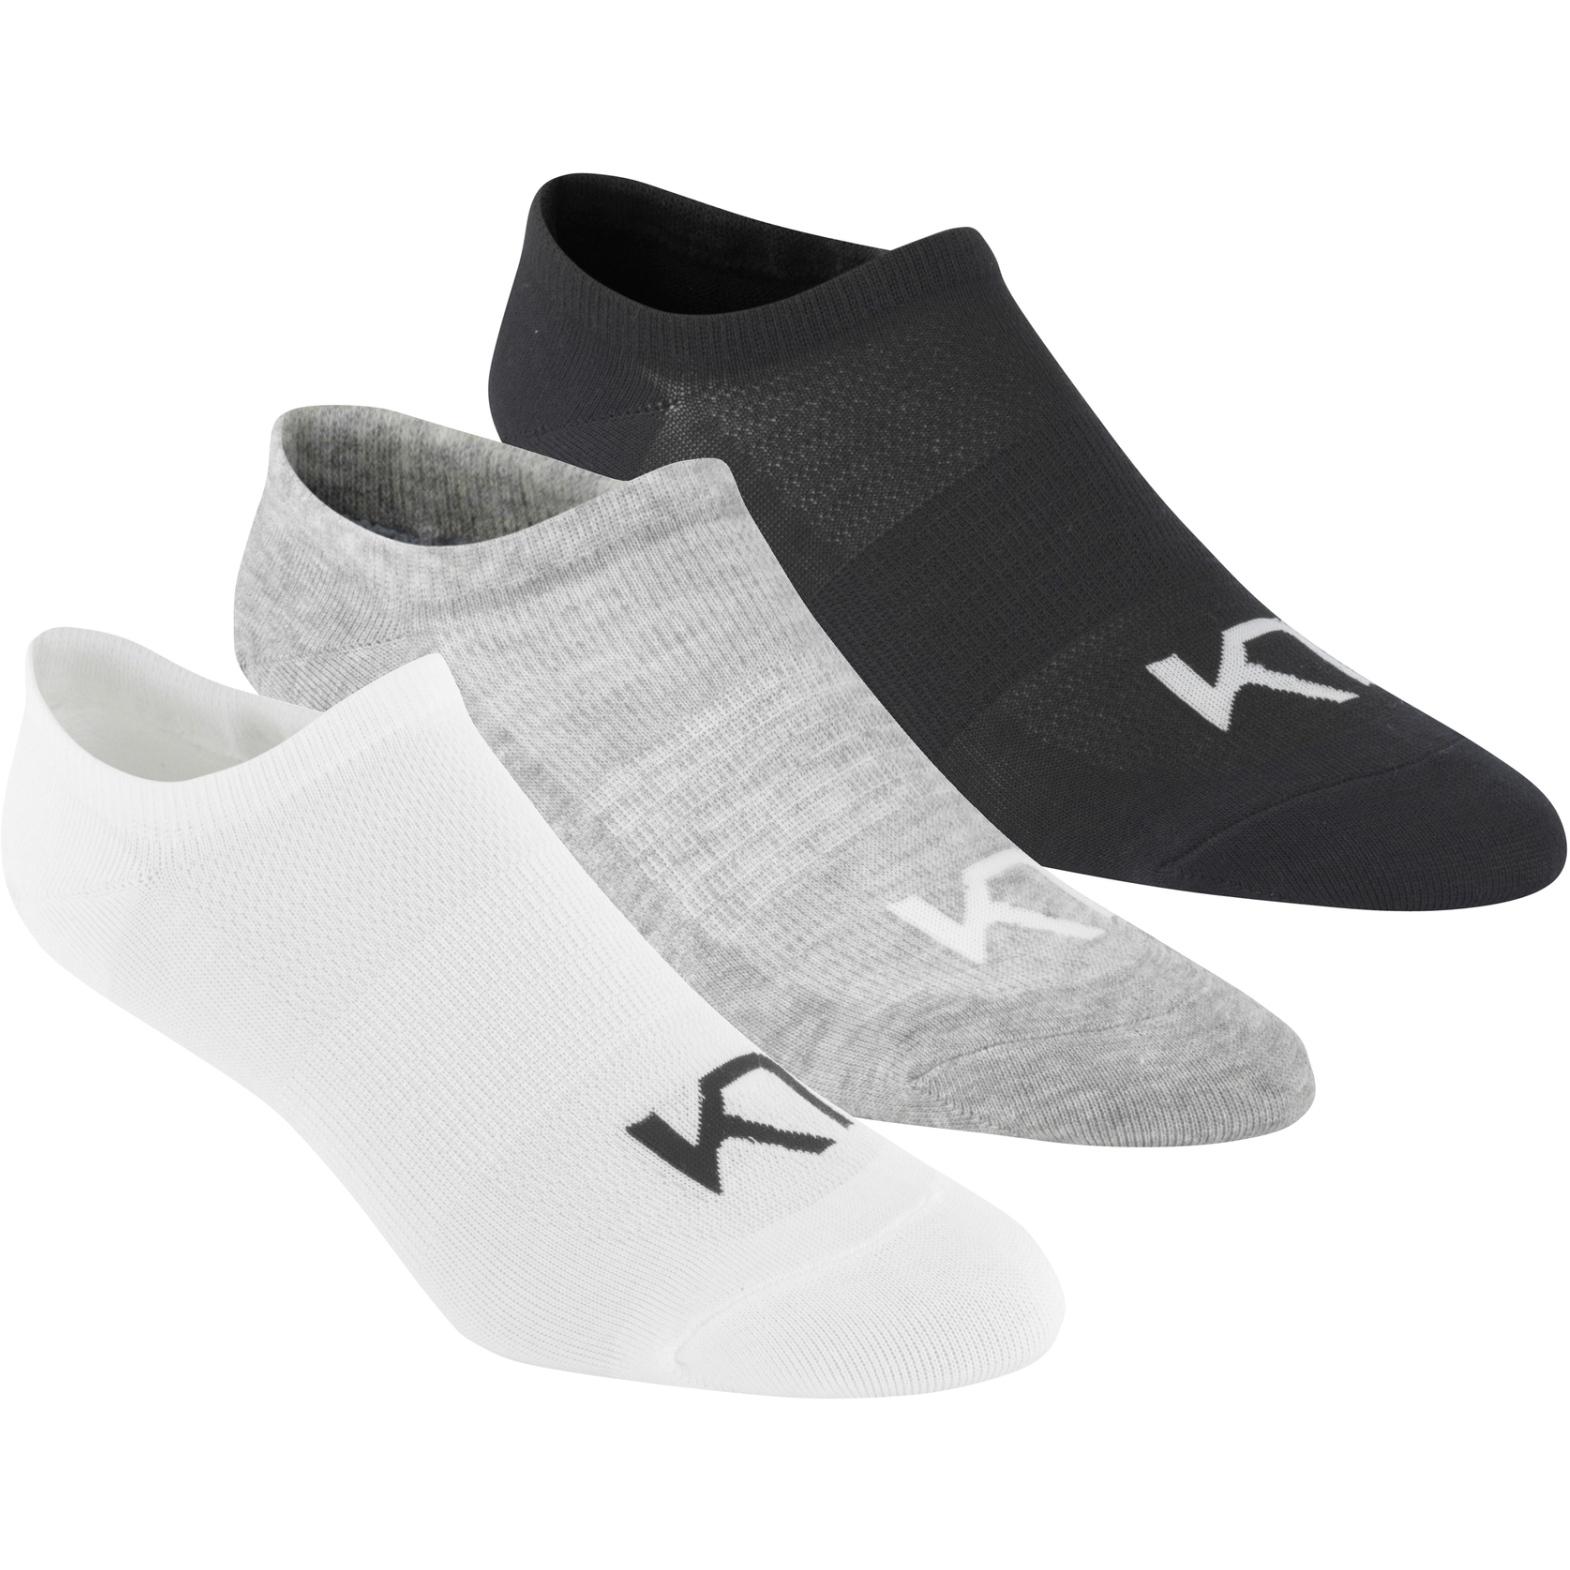 Kari Traa Hæl Damen Socken - 3-Pack - Bwt